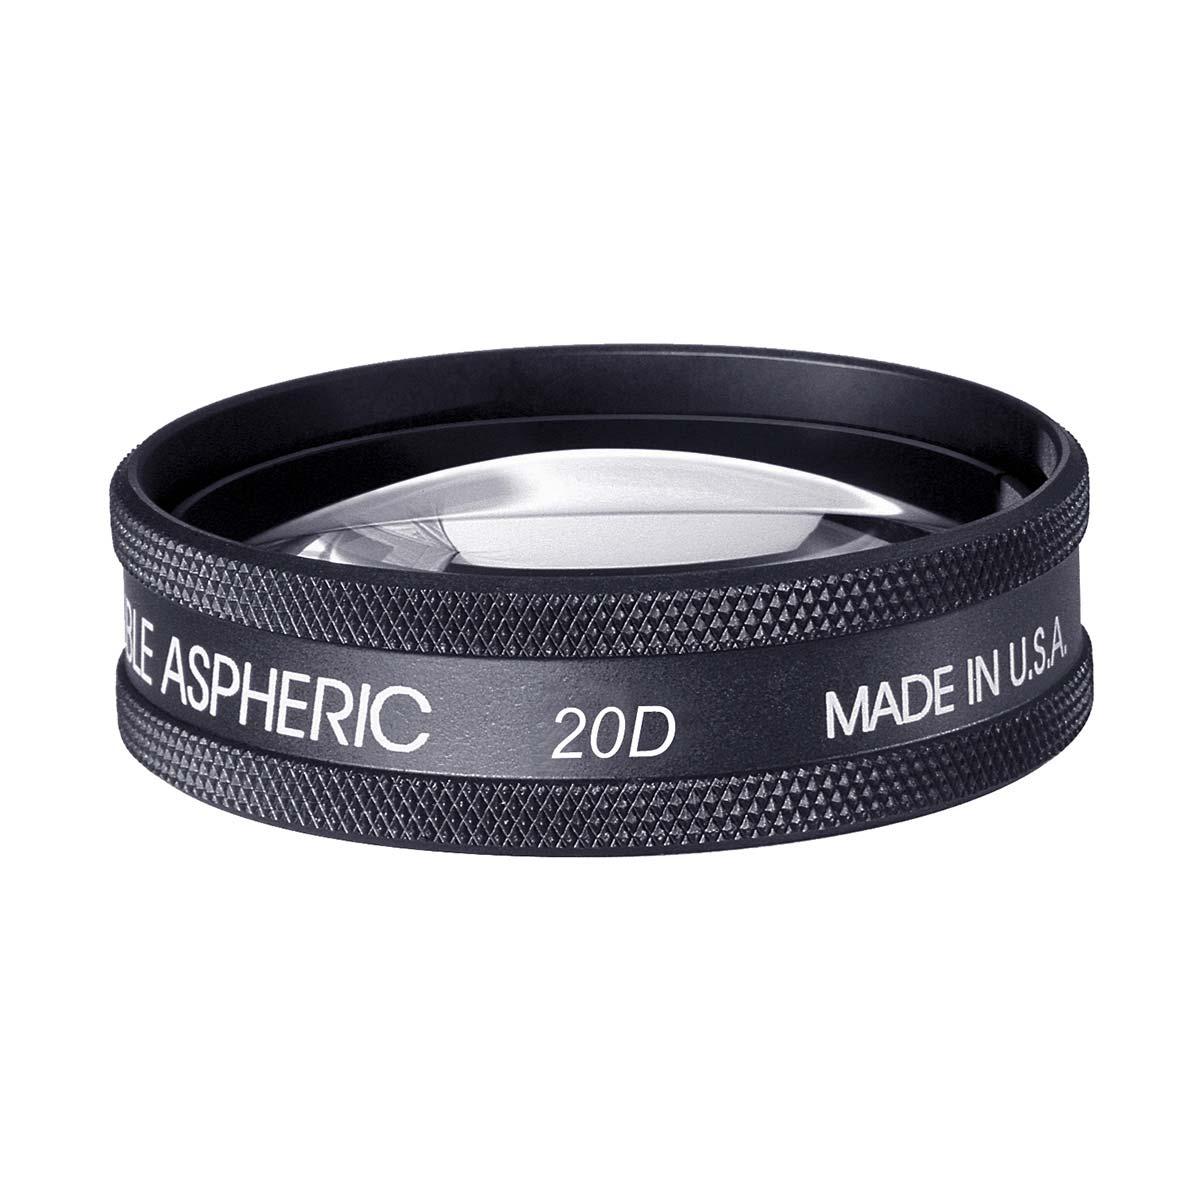 20D BIO Lens, Clear, 50mm Volk Lenses for BIO